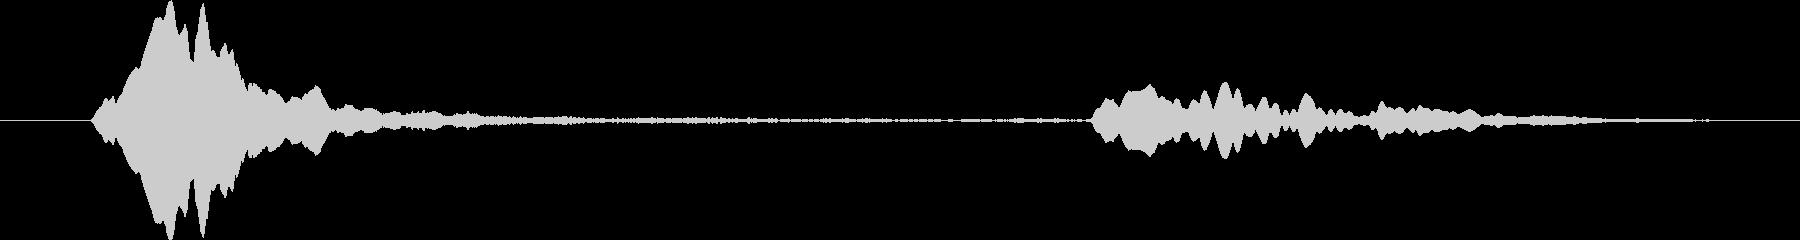 煙探知器:テストビープ音、遠隔音、...の未再生の波形